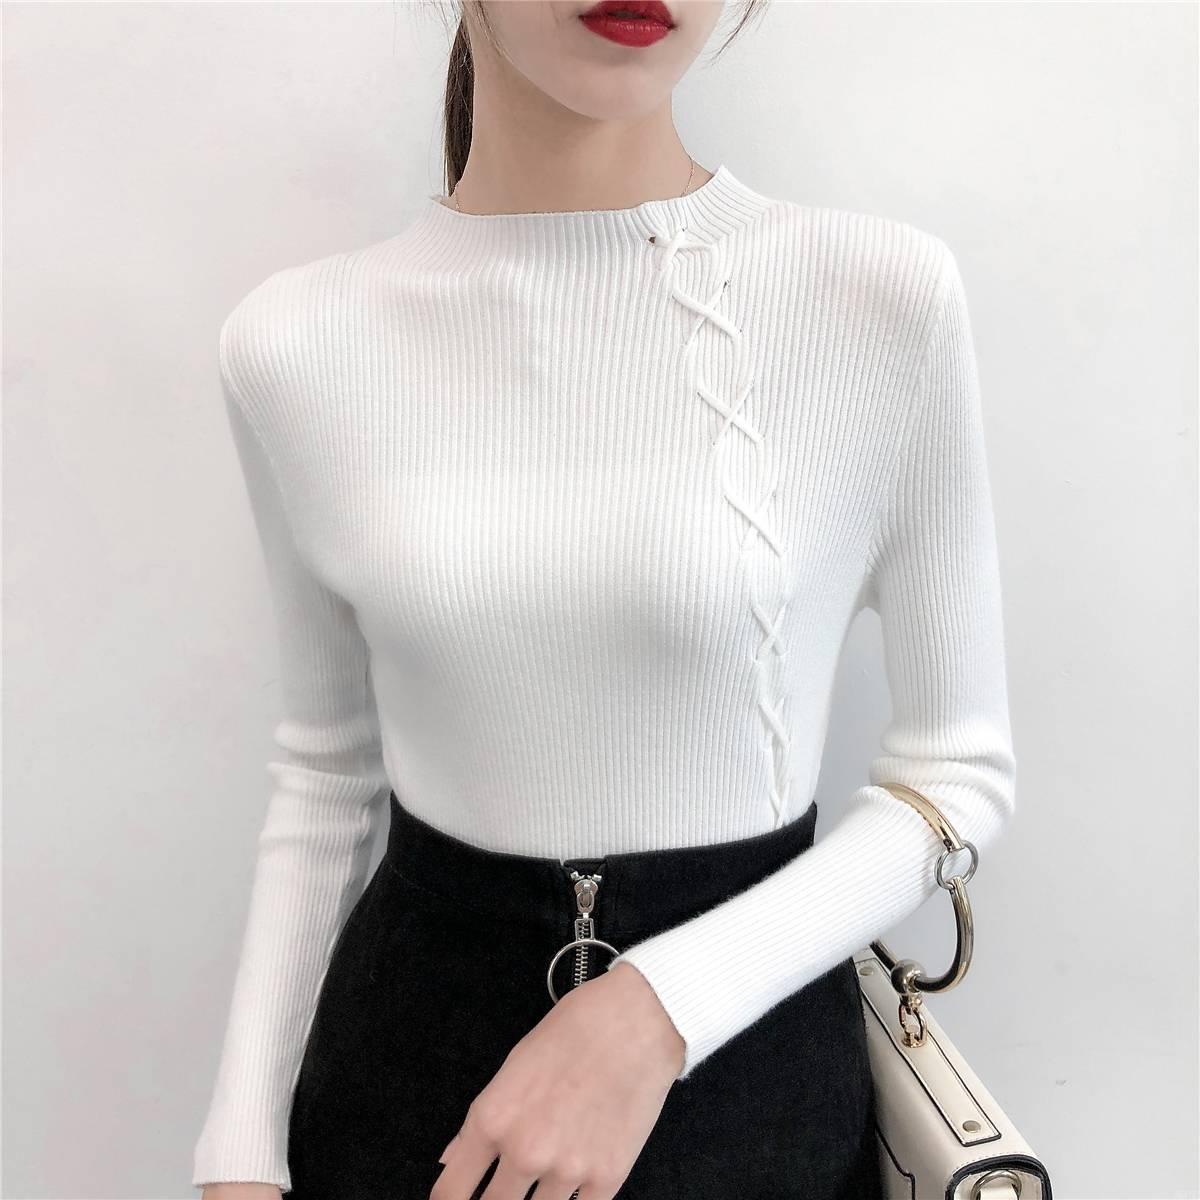 2019最新款 半圆领抽绳针织修身显瘦纯色上衣